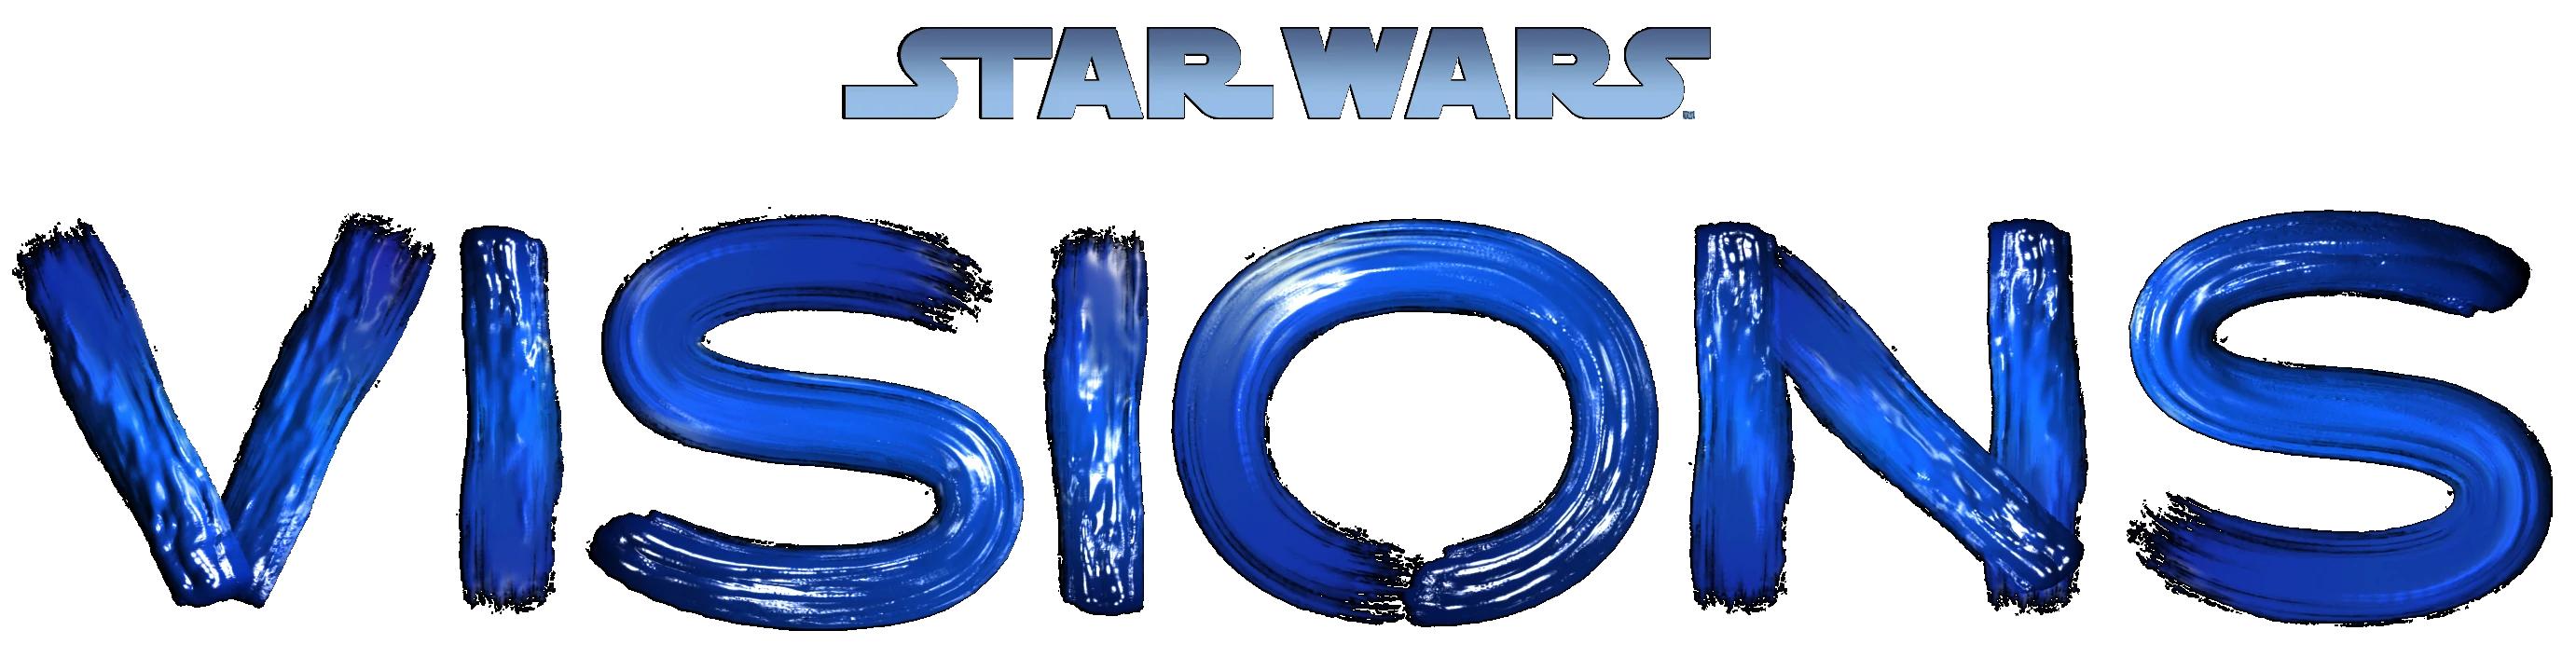 Star Wars Visions logo.png